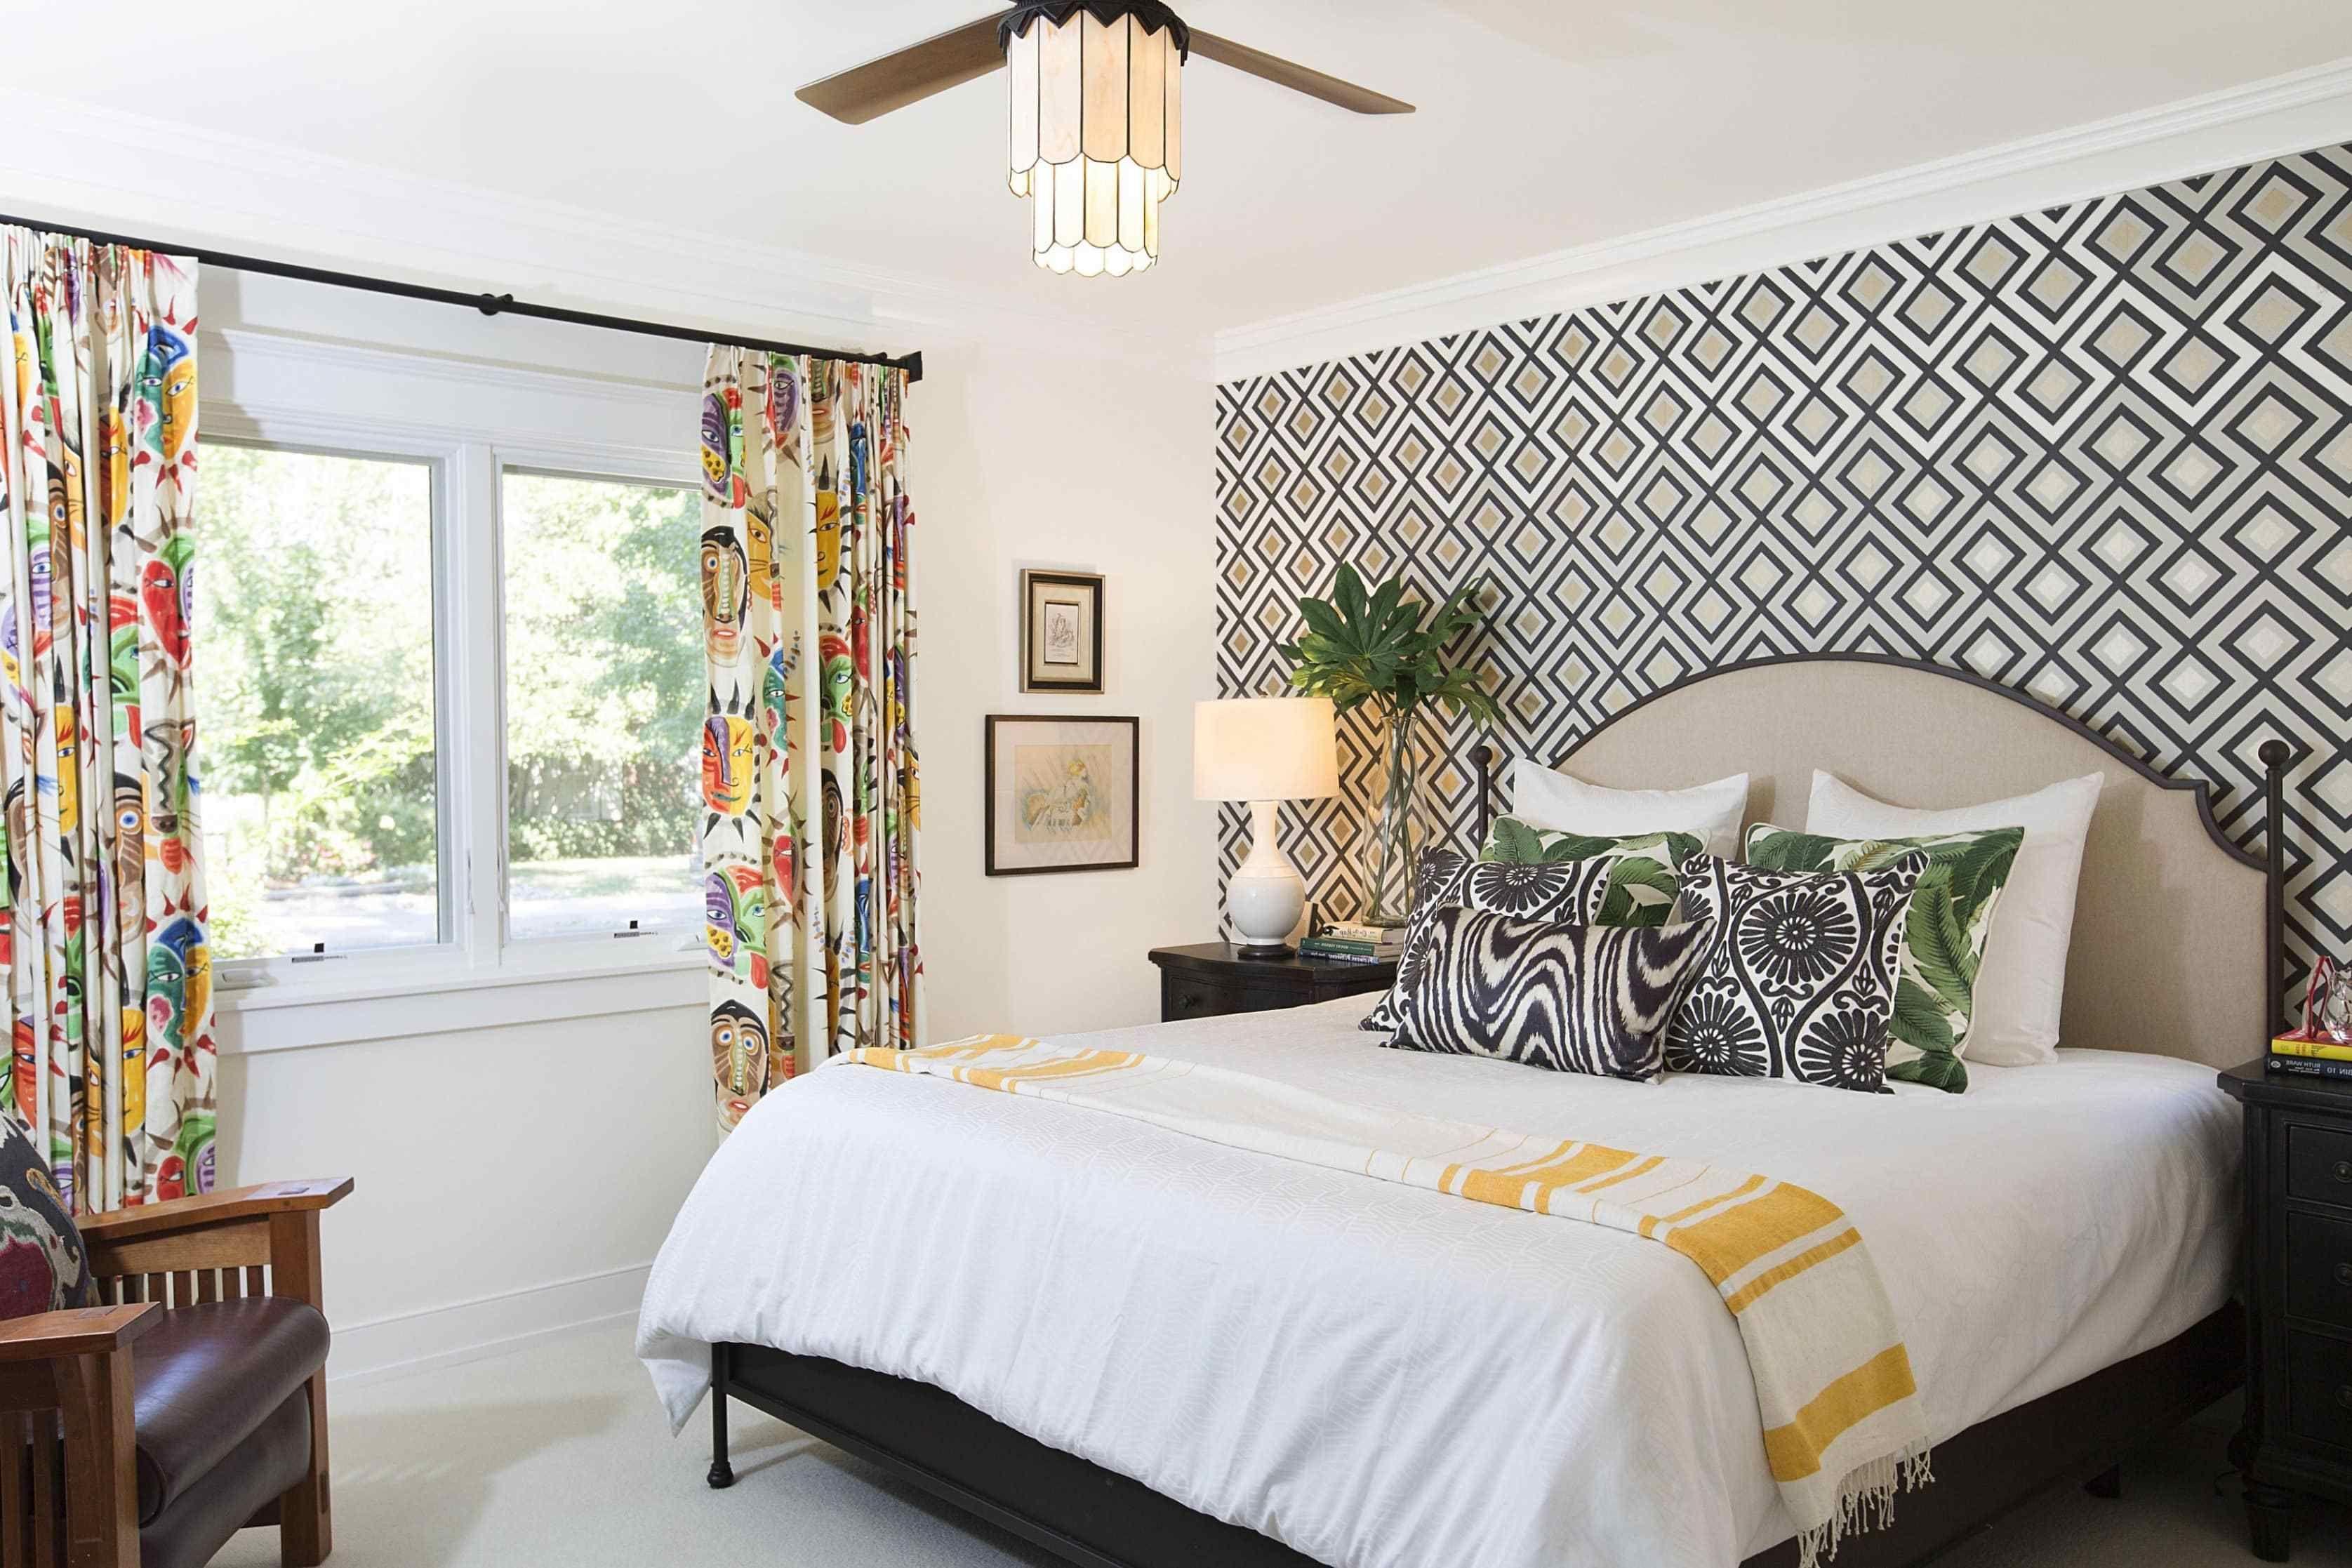 82 Accent Walls Ideas Bedroom Master Bedroom Wallpaper Accent Wall Bedroom Wallpaper Accent Wall Grey Dining Room